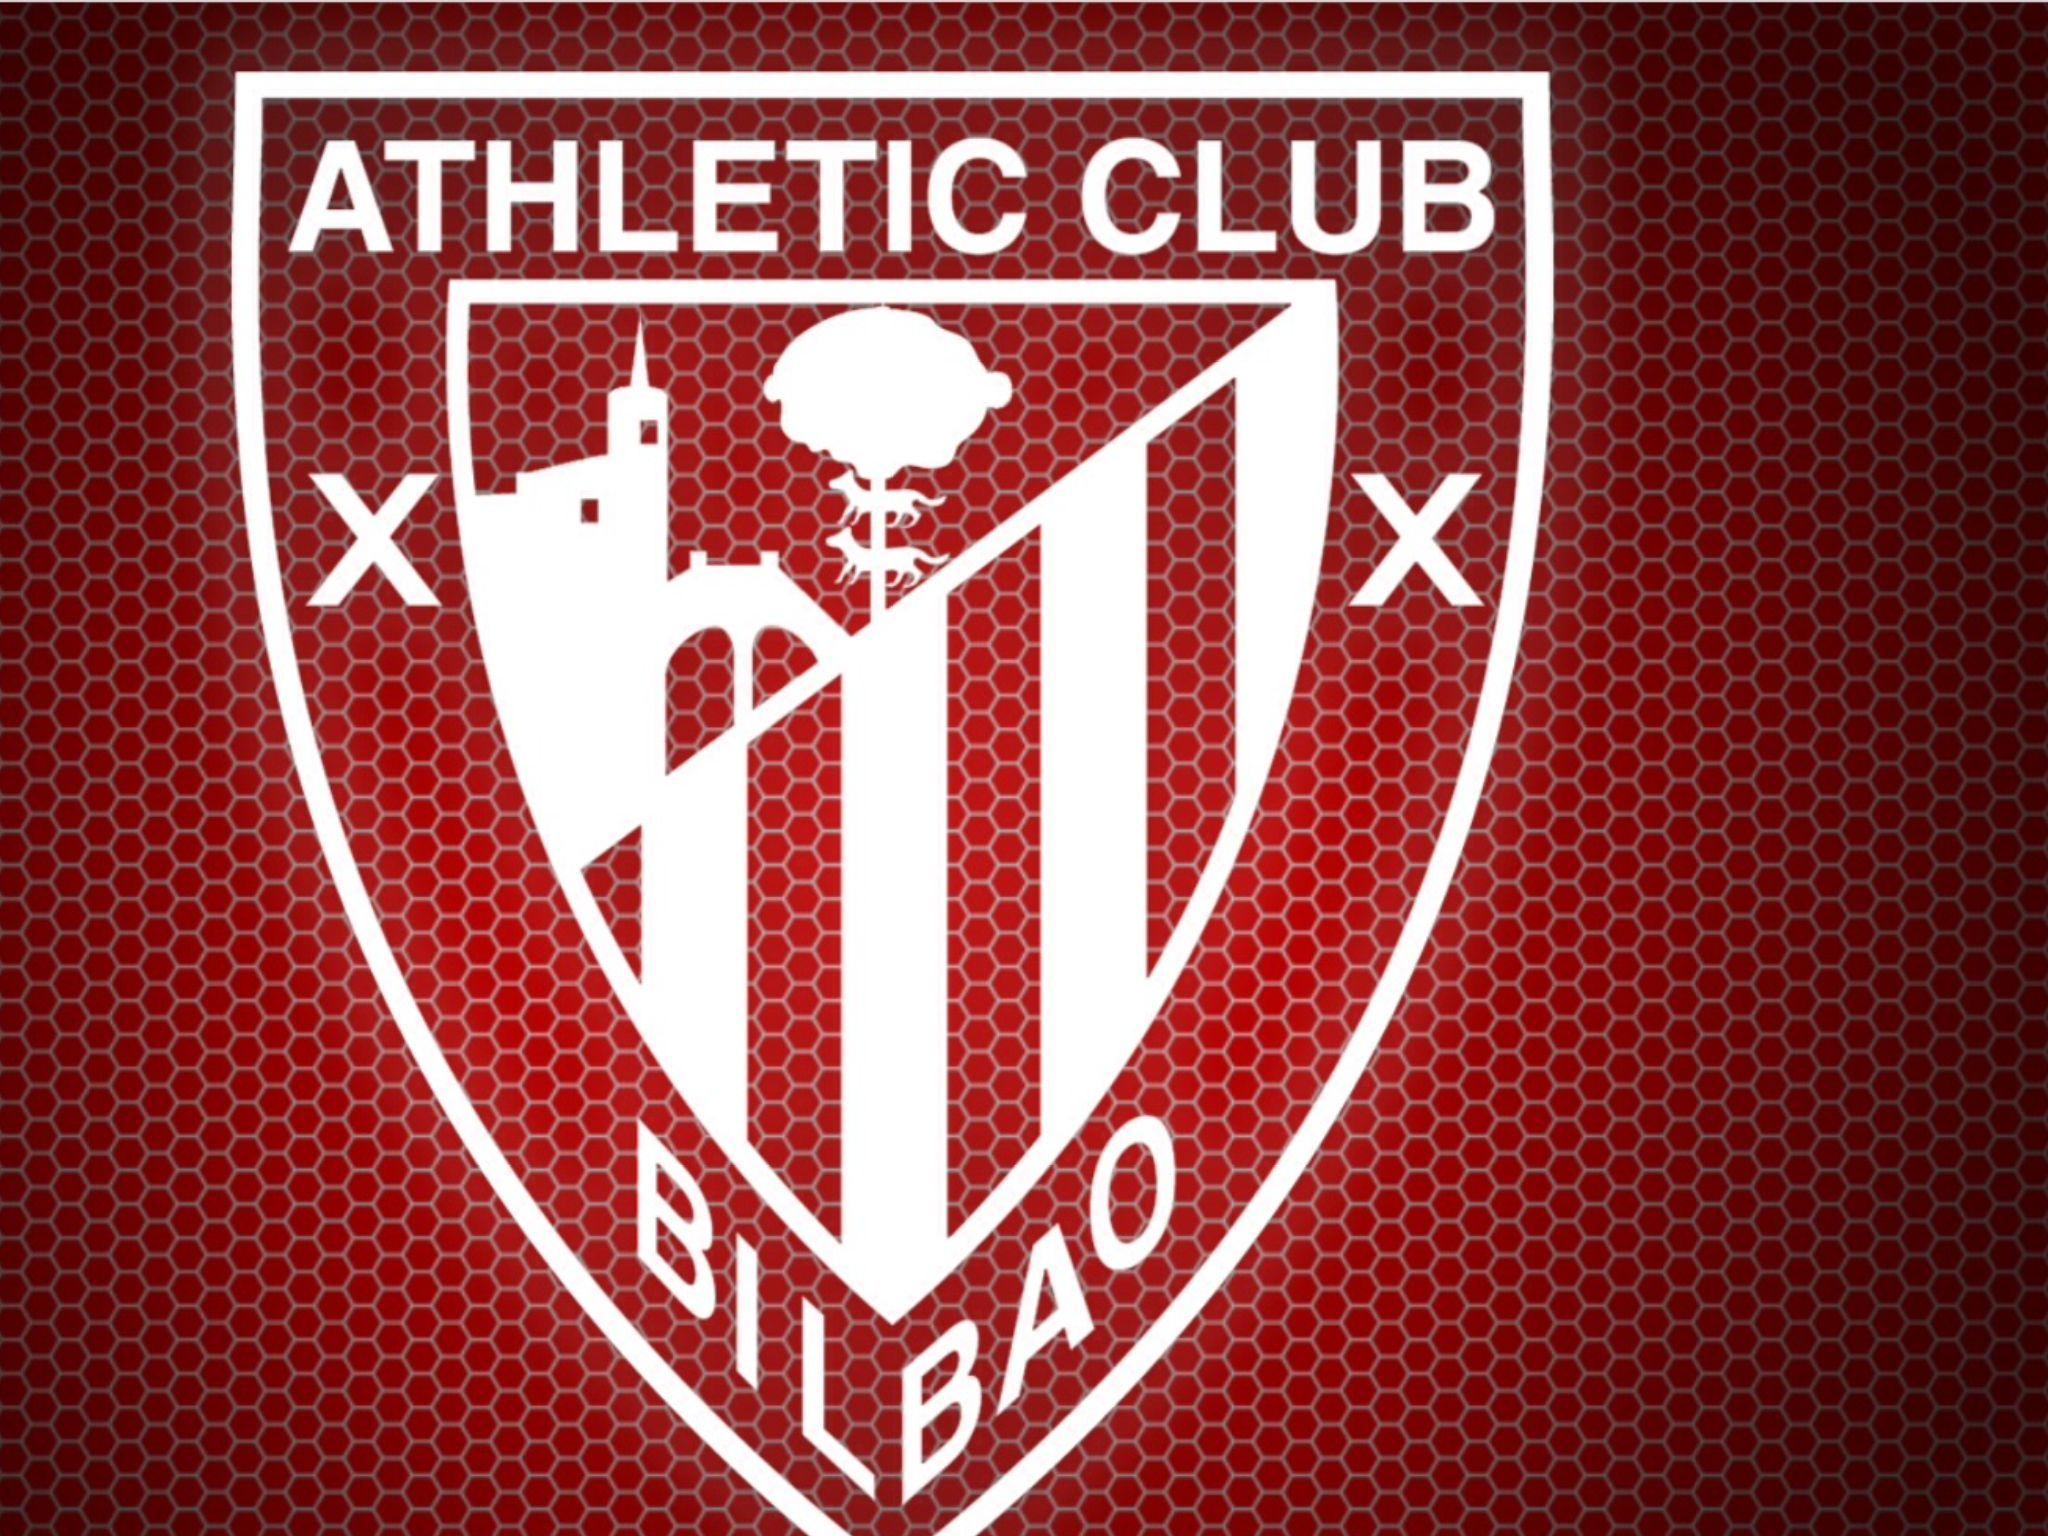 11841 - ¿Del Athletic Club hasta el fin del mundo?